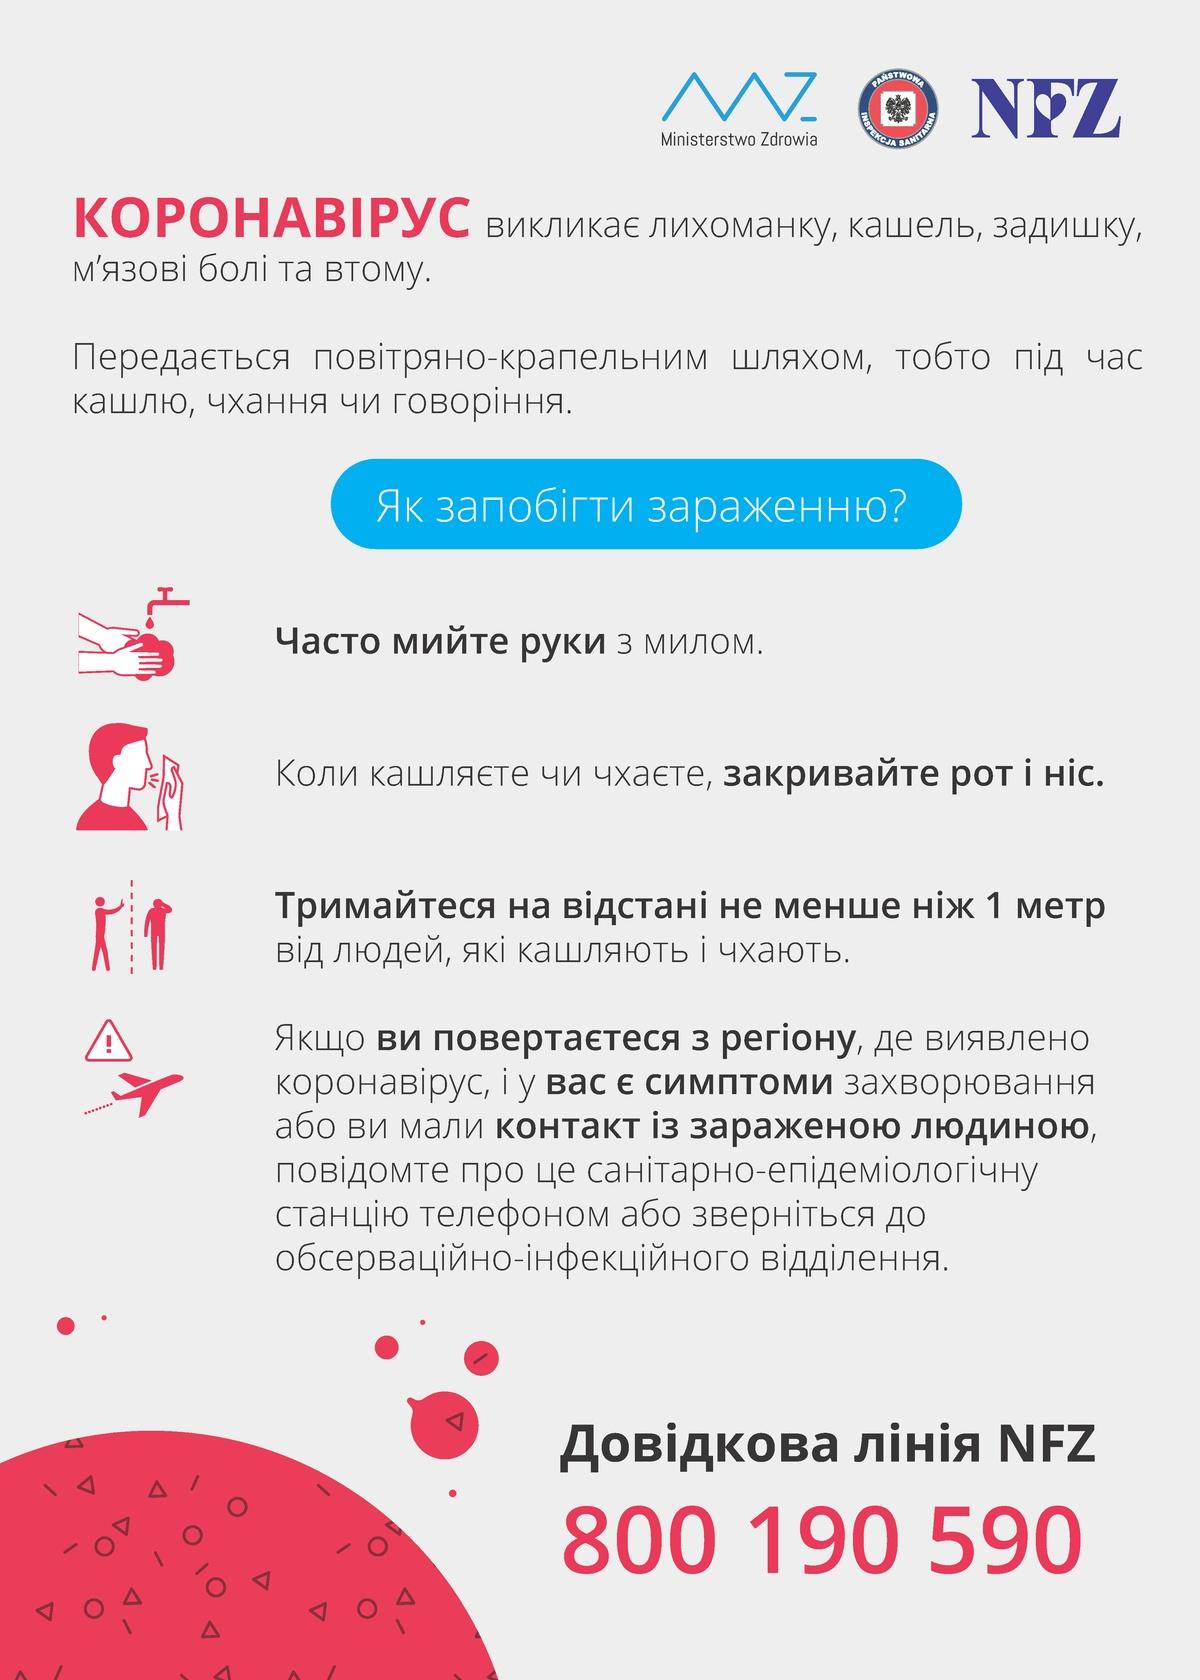 UWAGA! Koronawirus wciąż się rozprzestrzenia - język ukraiński